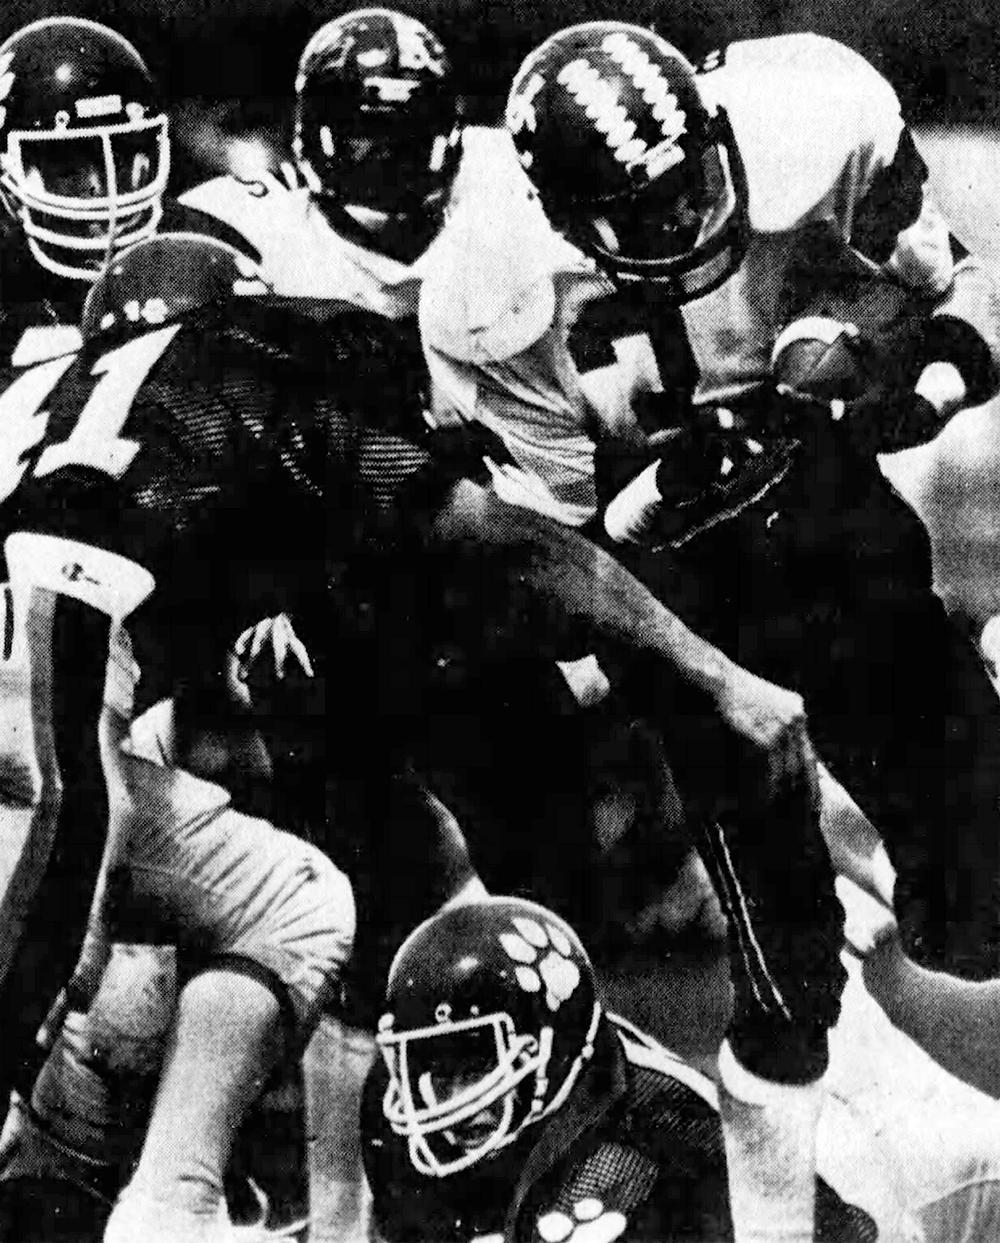 Bearcat running back James Bettis plows ahead. (Enquirer)